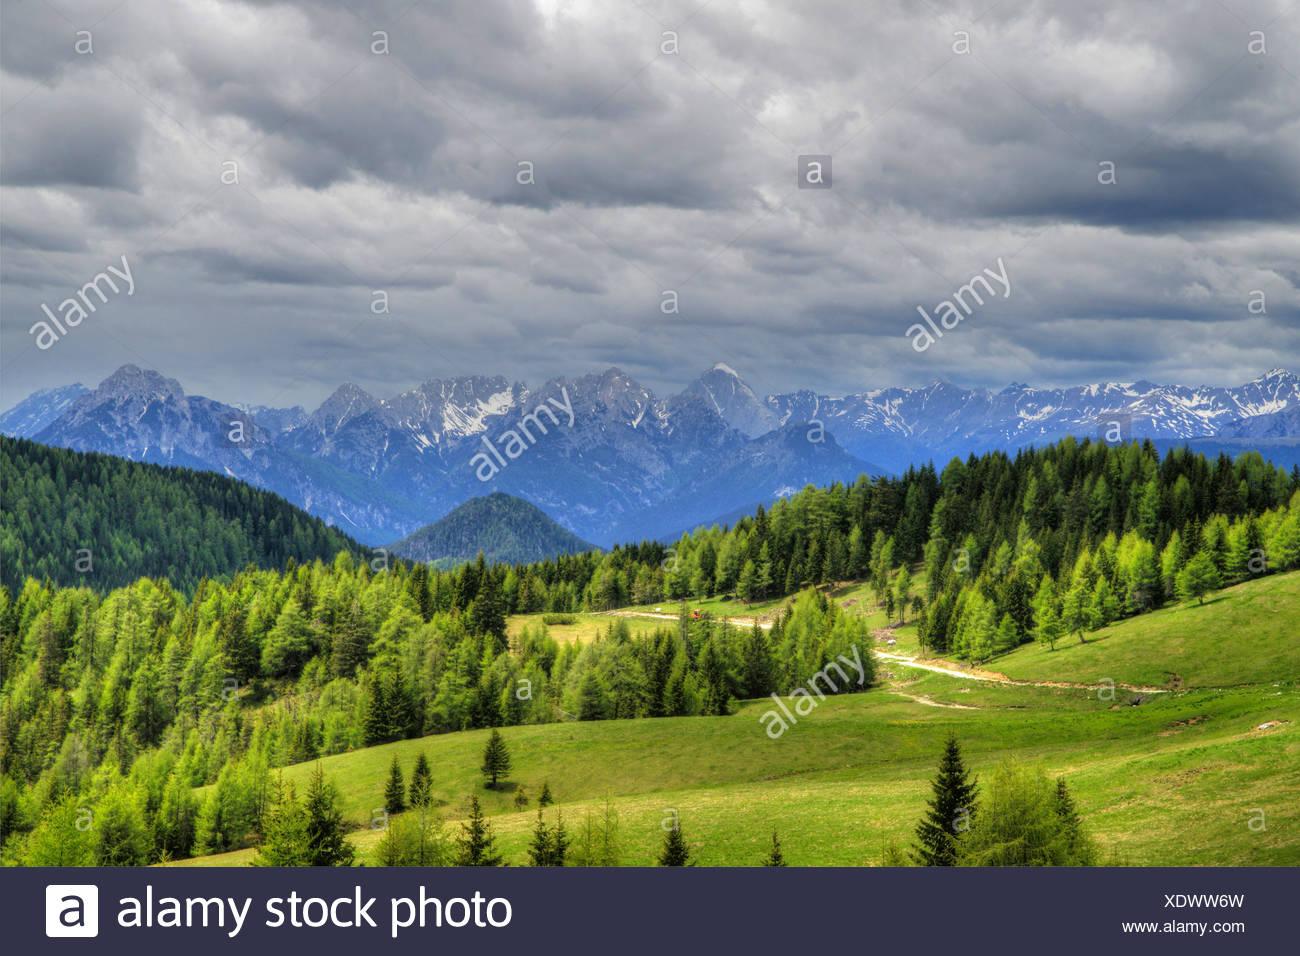 Ciel nuageux sur les cols alpins, l'Italie, le Tyrol du Sud, Dolomiten Banque D'Images